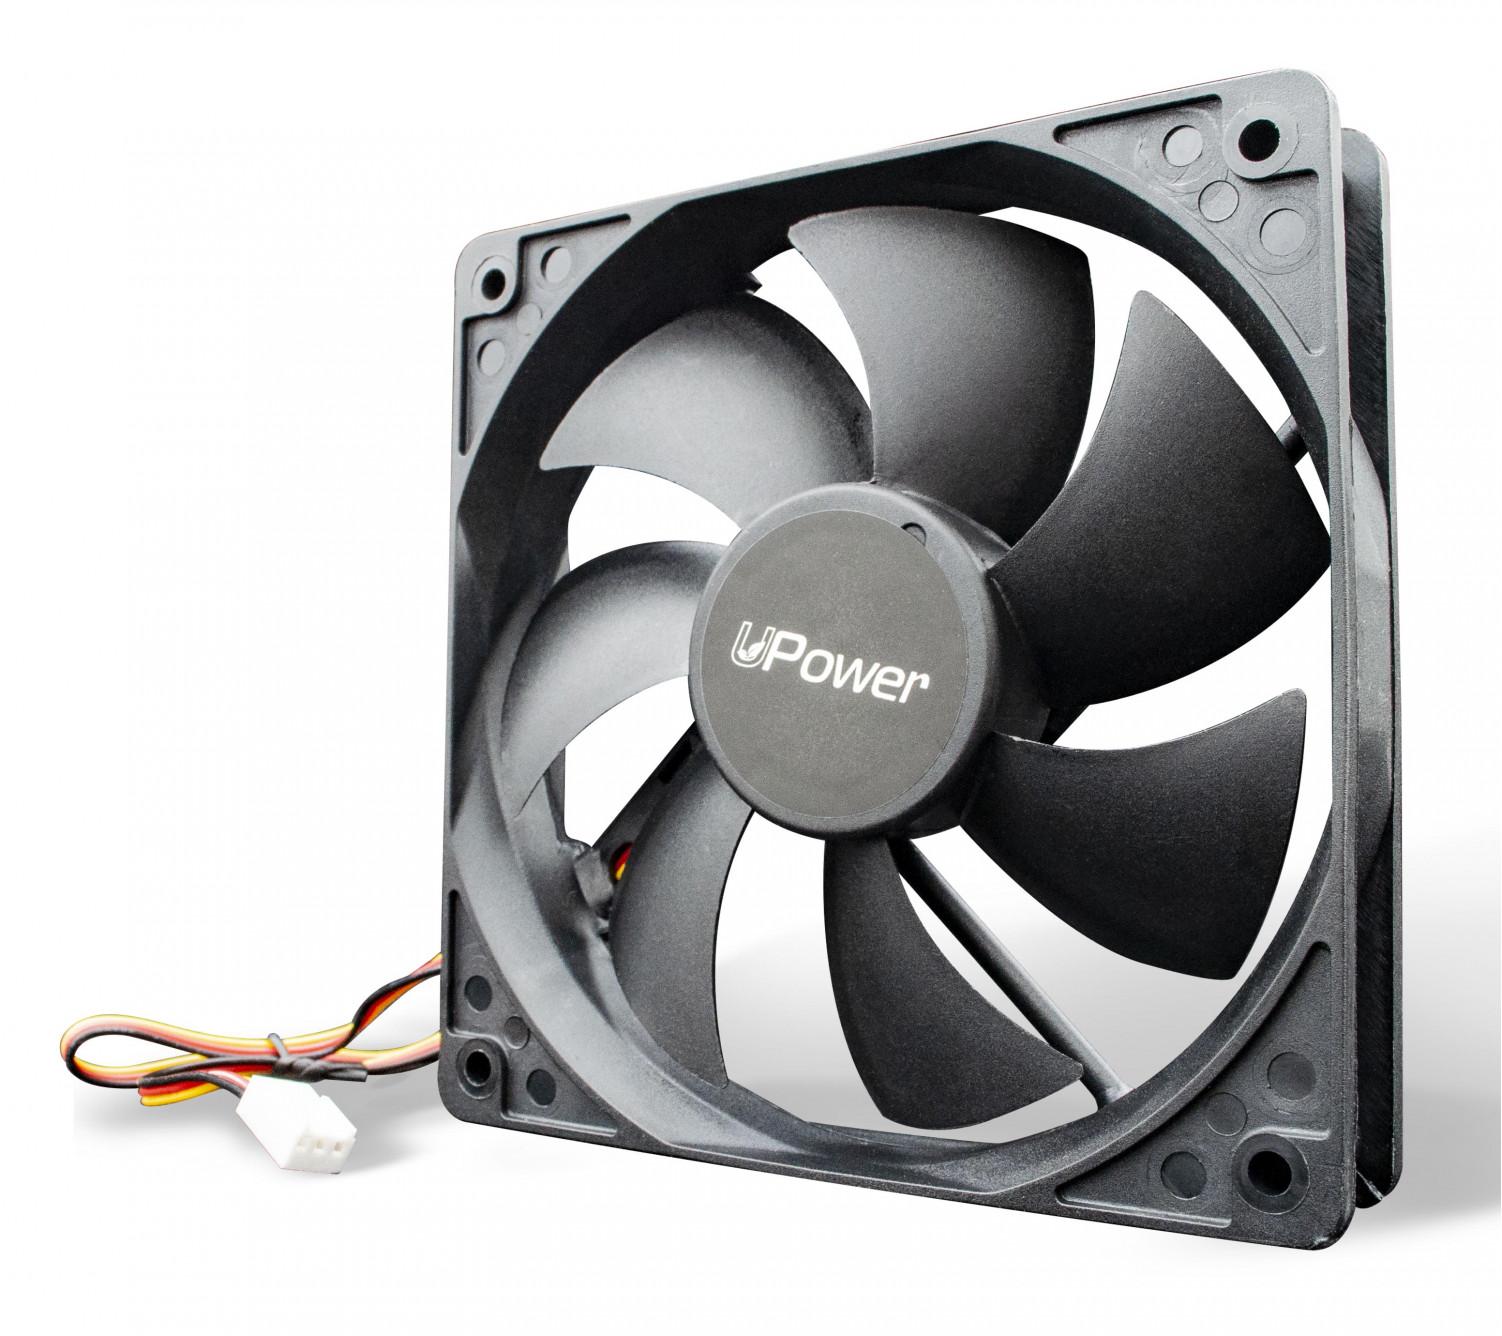 Вентилятор UPower UP12025SB315 120мм, 3pin